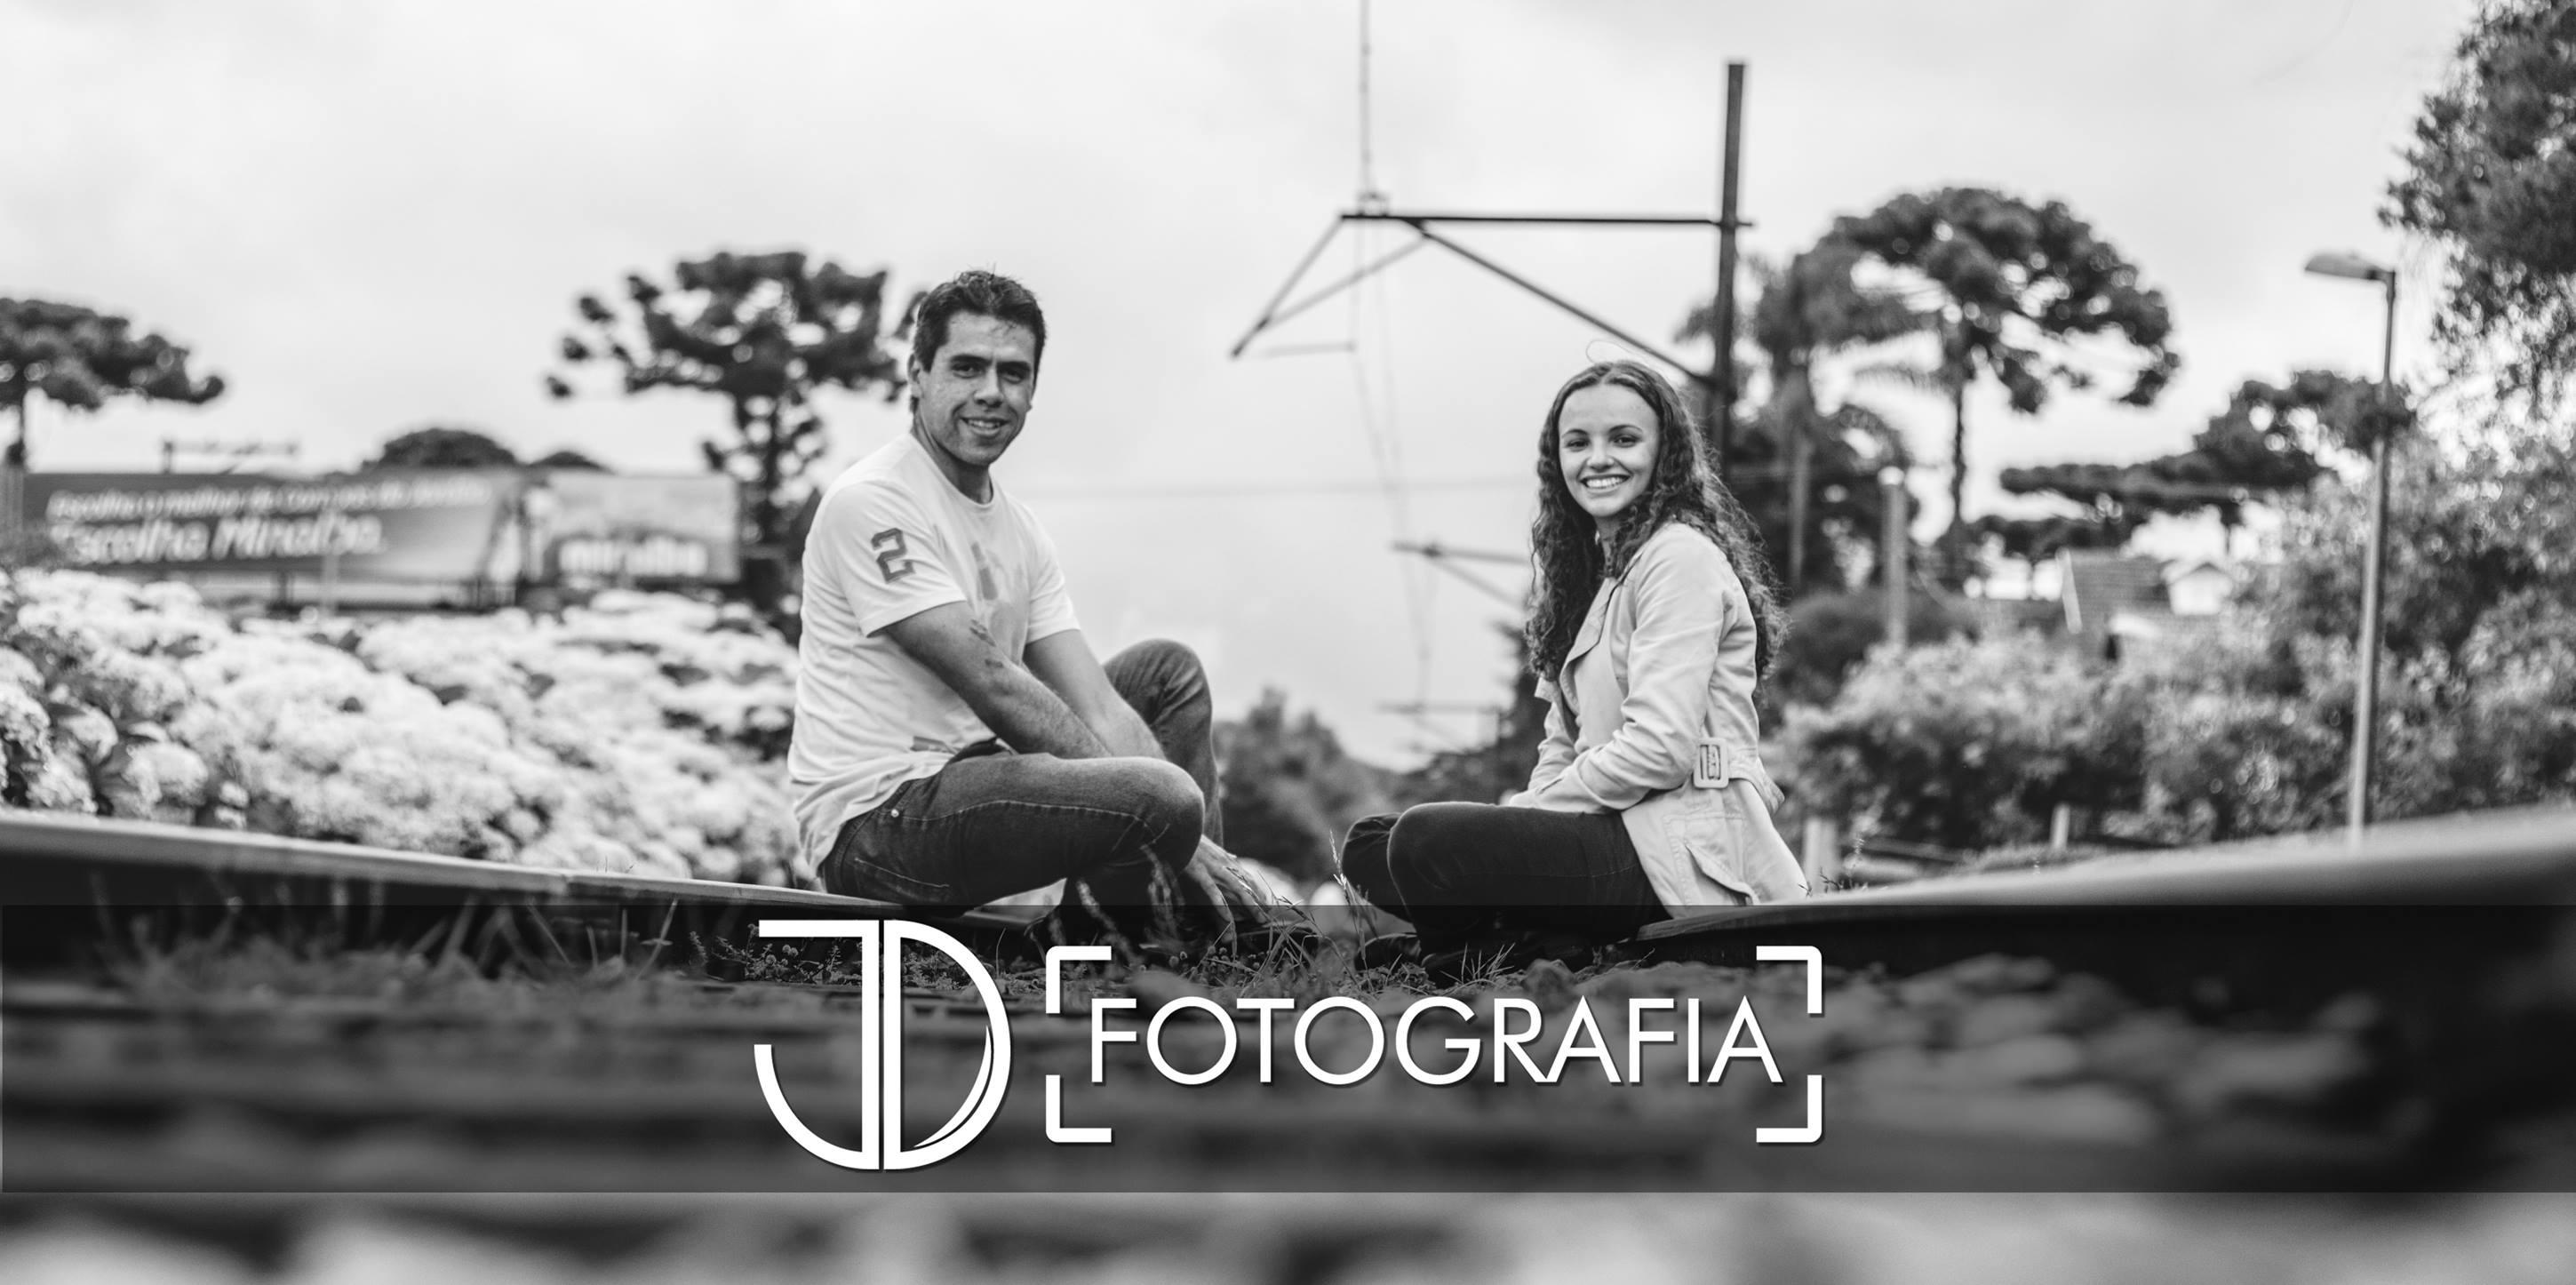 Contate JD Fotografia - Reencontre o Simples Ensaios | Casais | Gestante | Família | Casamento | Eventos | Santo André | ABC | SP